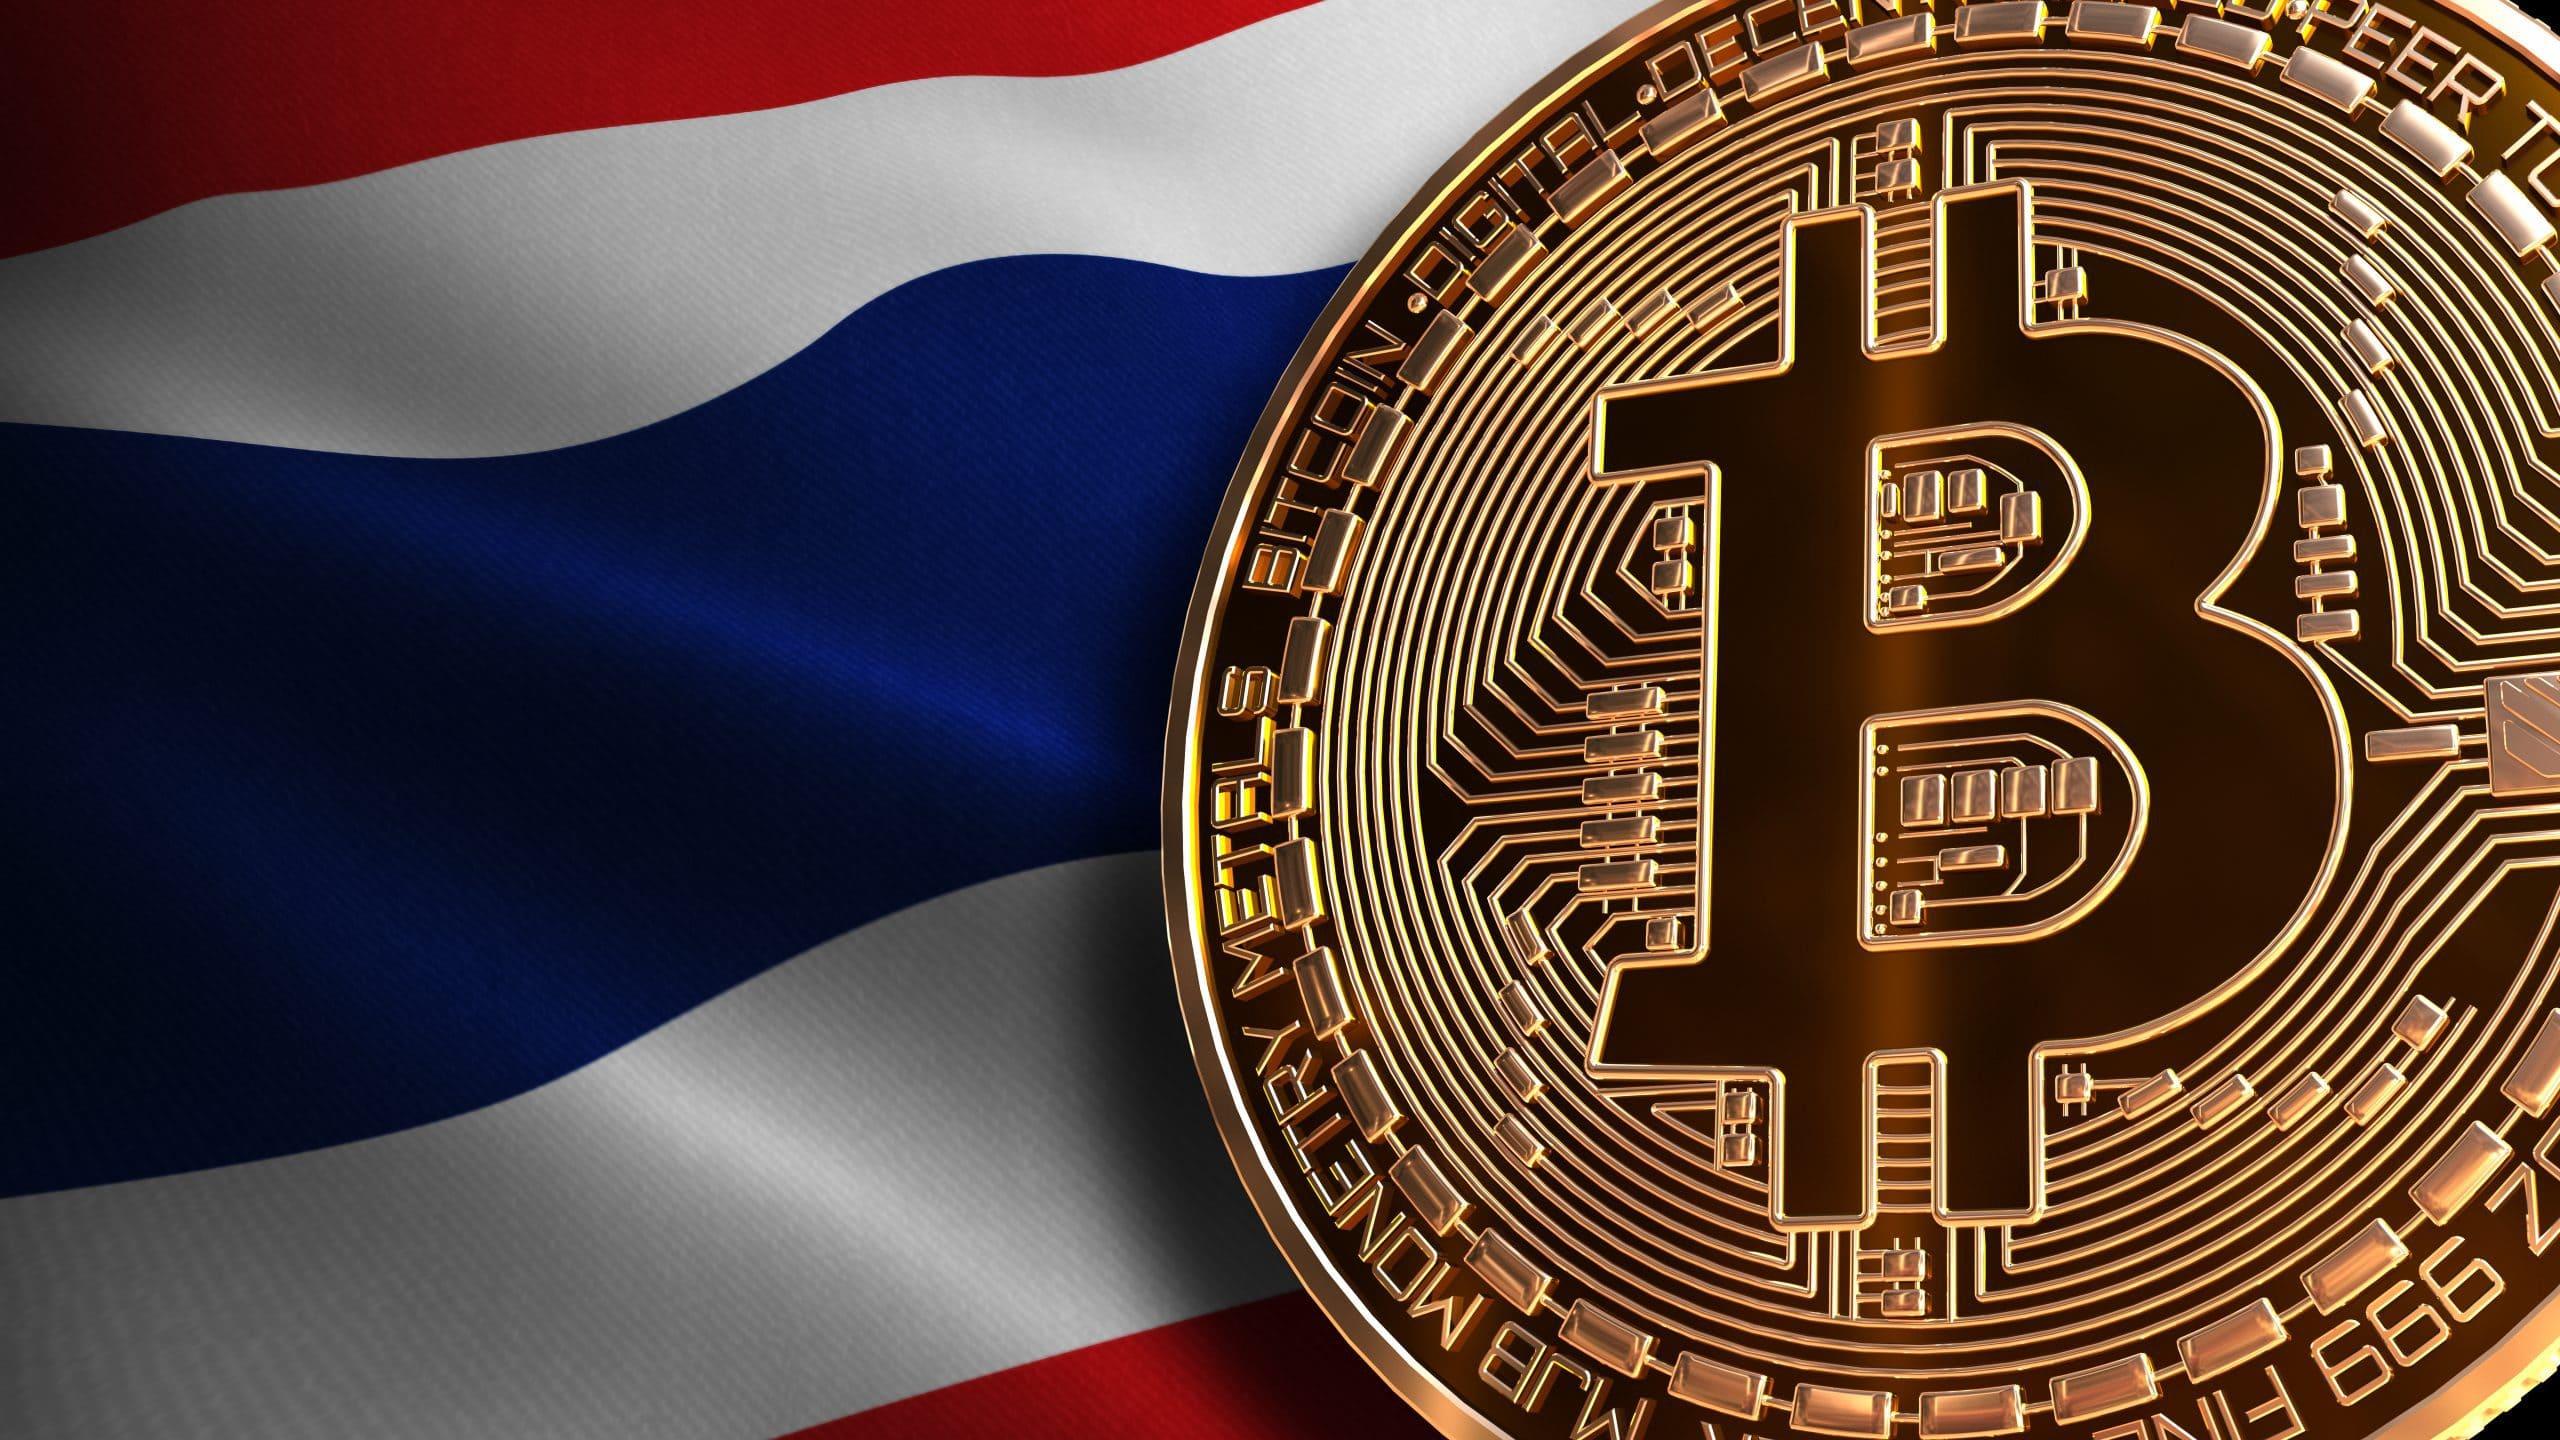 Dieses thailändische Unternehmen startet Bitcoin-Mining-Offensive